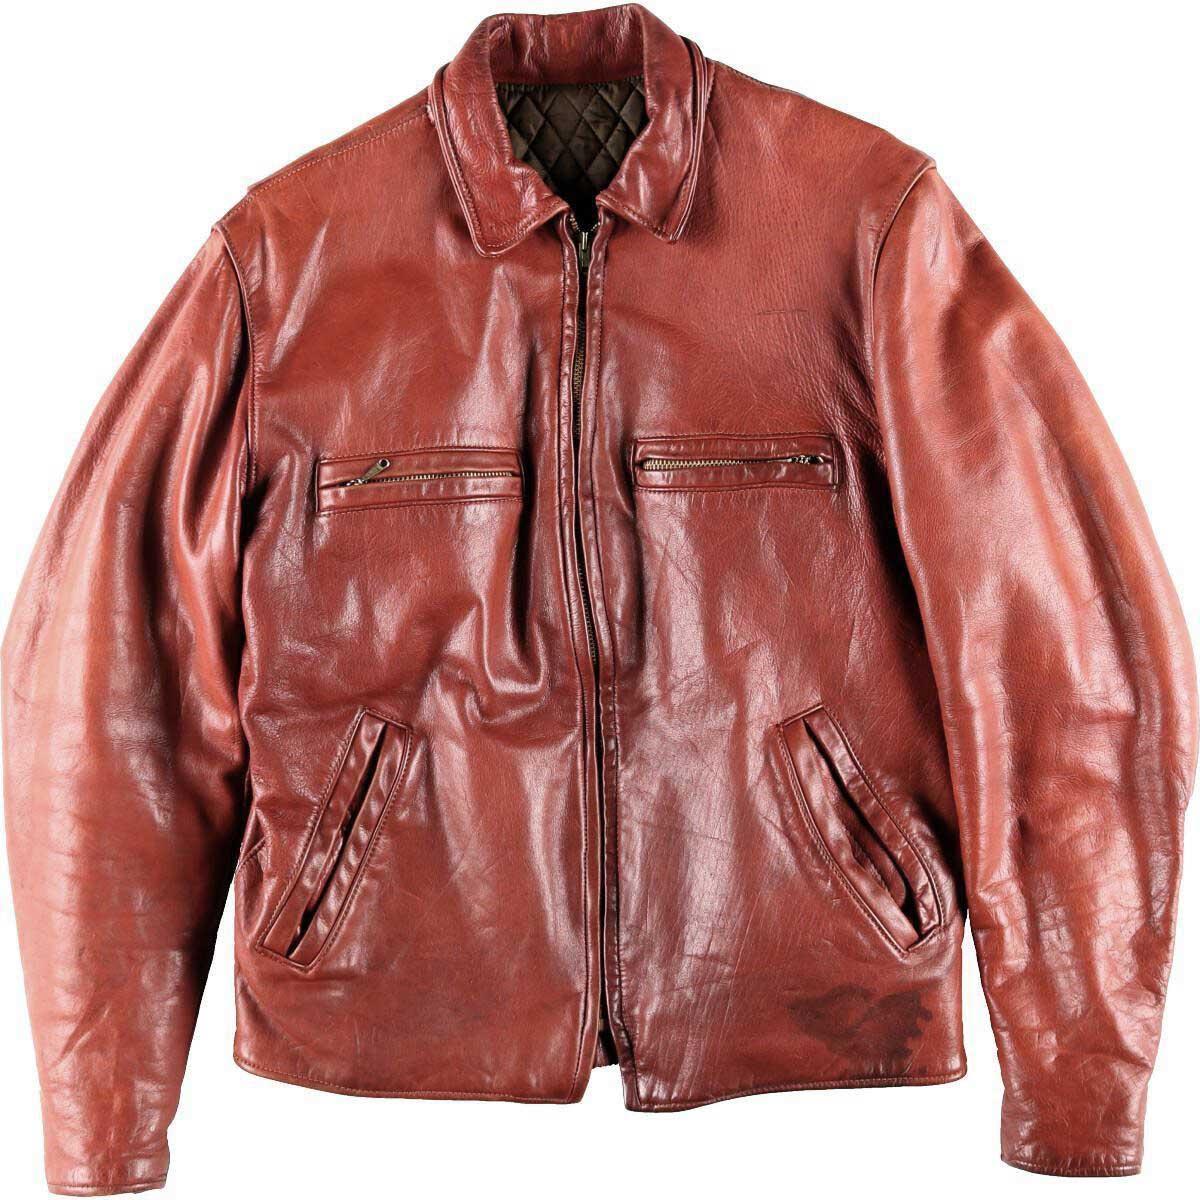 70年代 UNKNOWN レザースポーツジャケット メンズM ヴィンテージ /wbh7541 【中古】 【190909】【VTG】【SS2003】